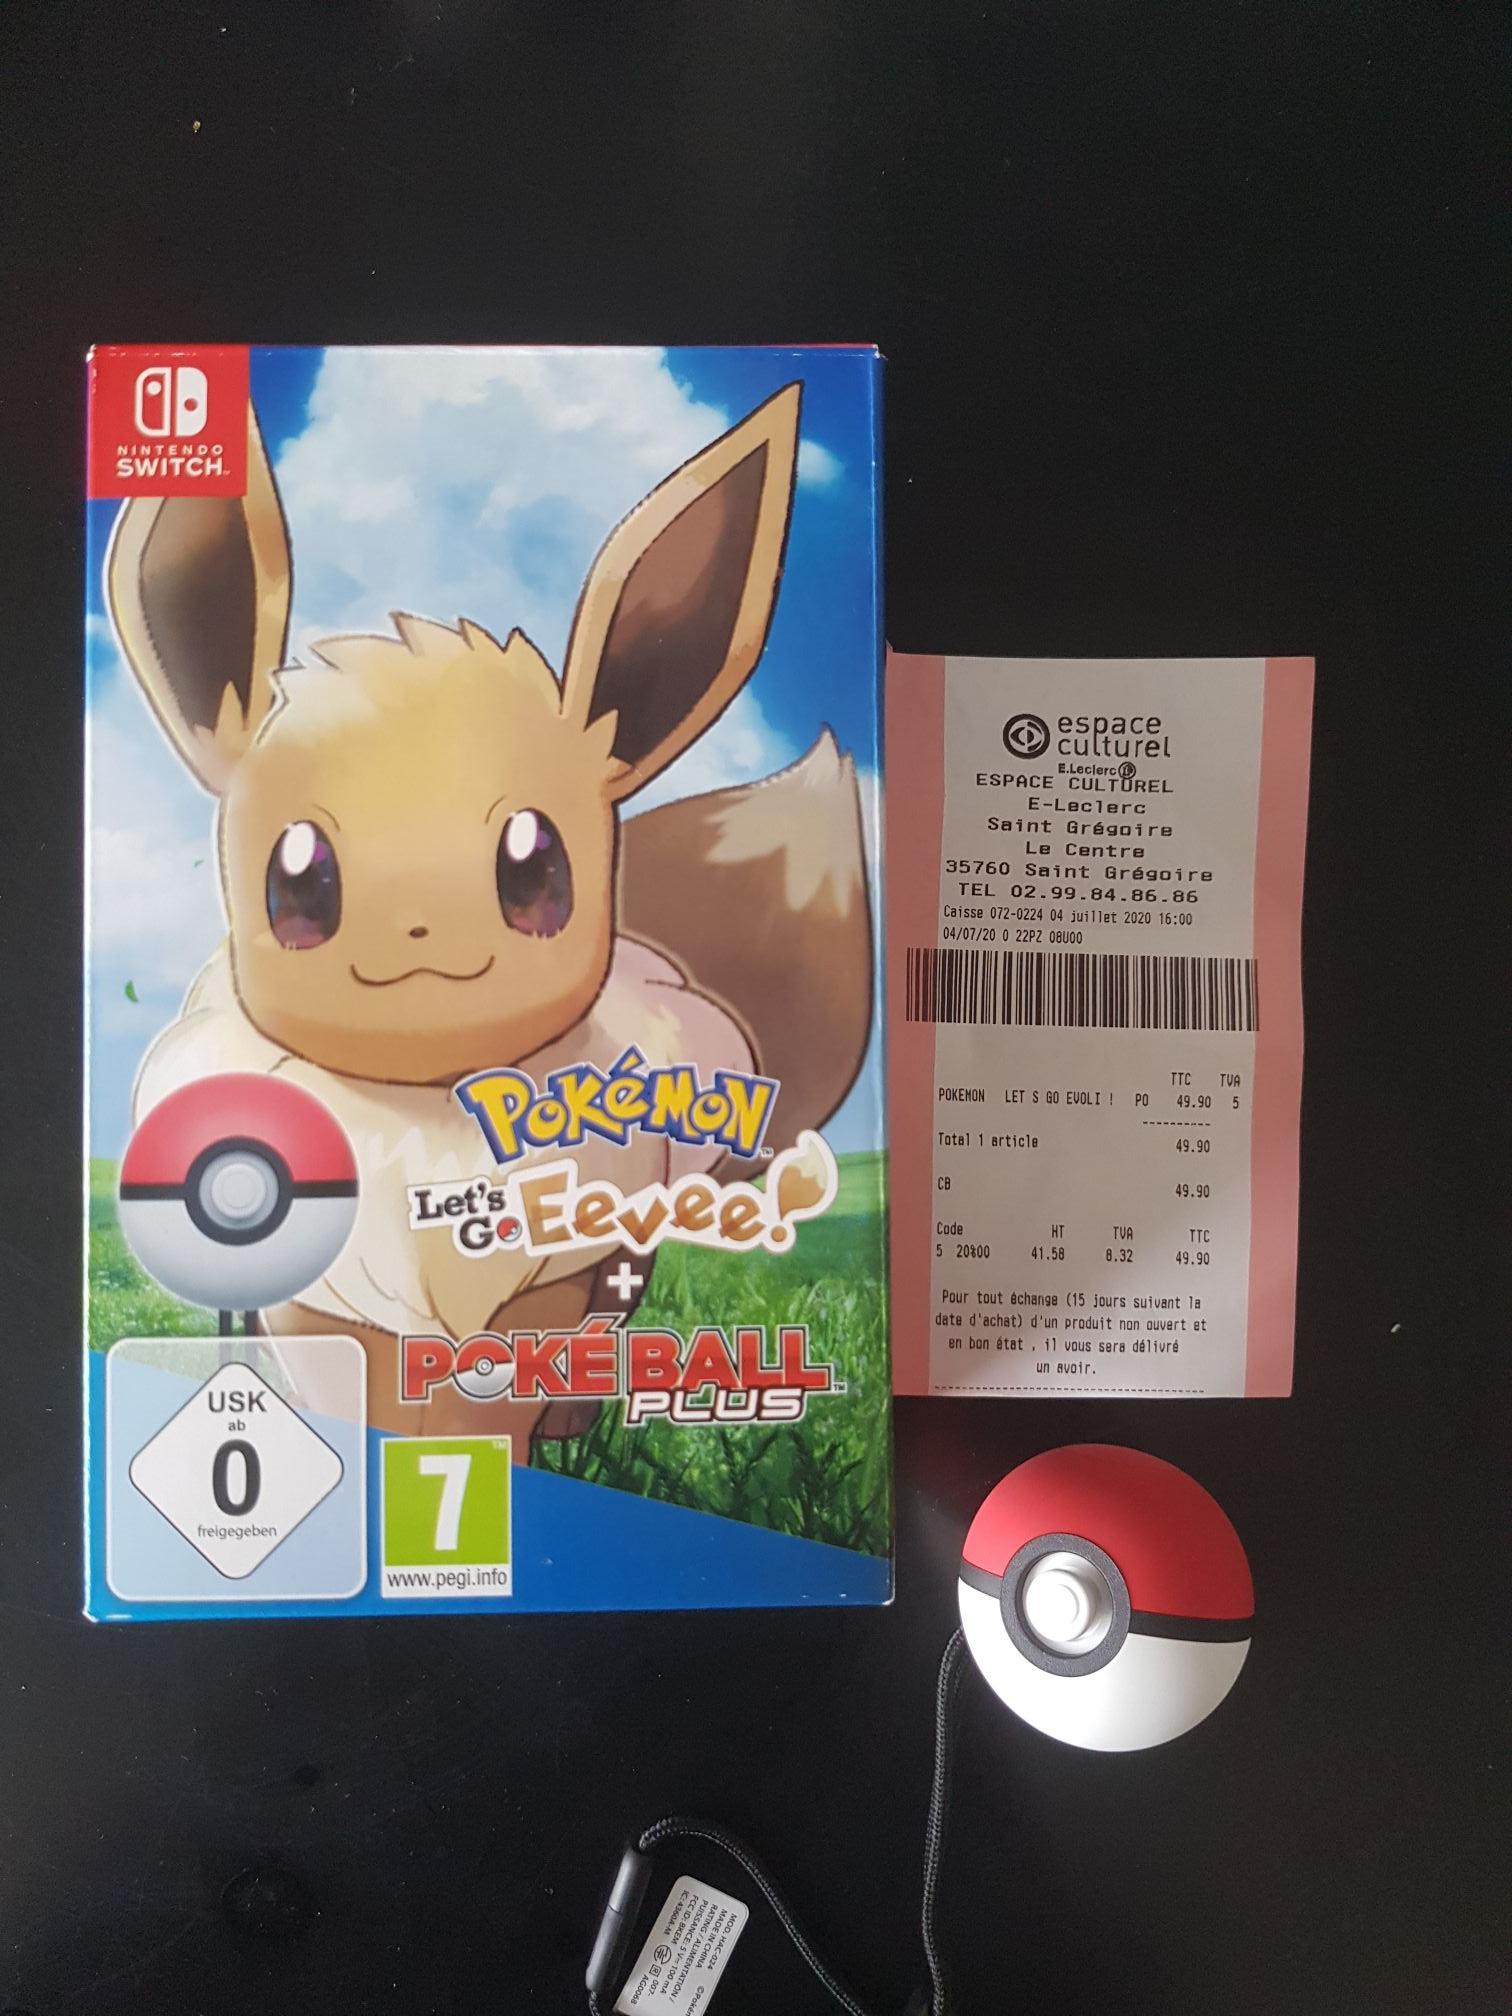 Pokémon Let's Go Evoli/Pikachu + Pokéball Plus sur Nintendo Switch - Leclerc Saint-Gregoire (35)